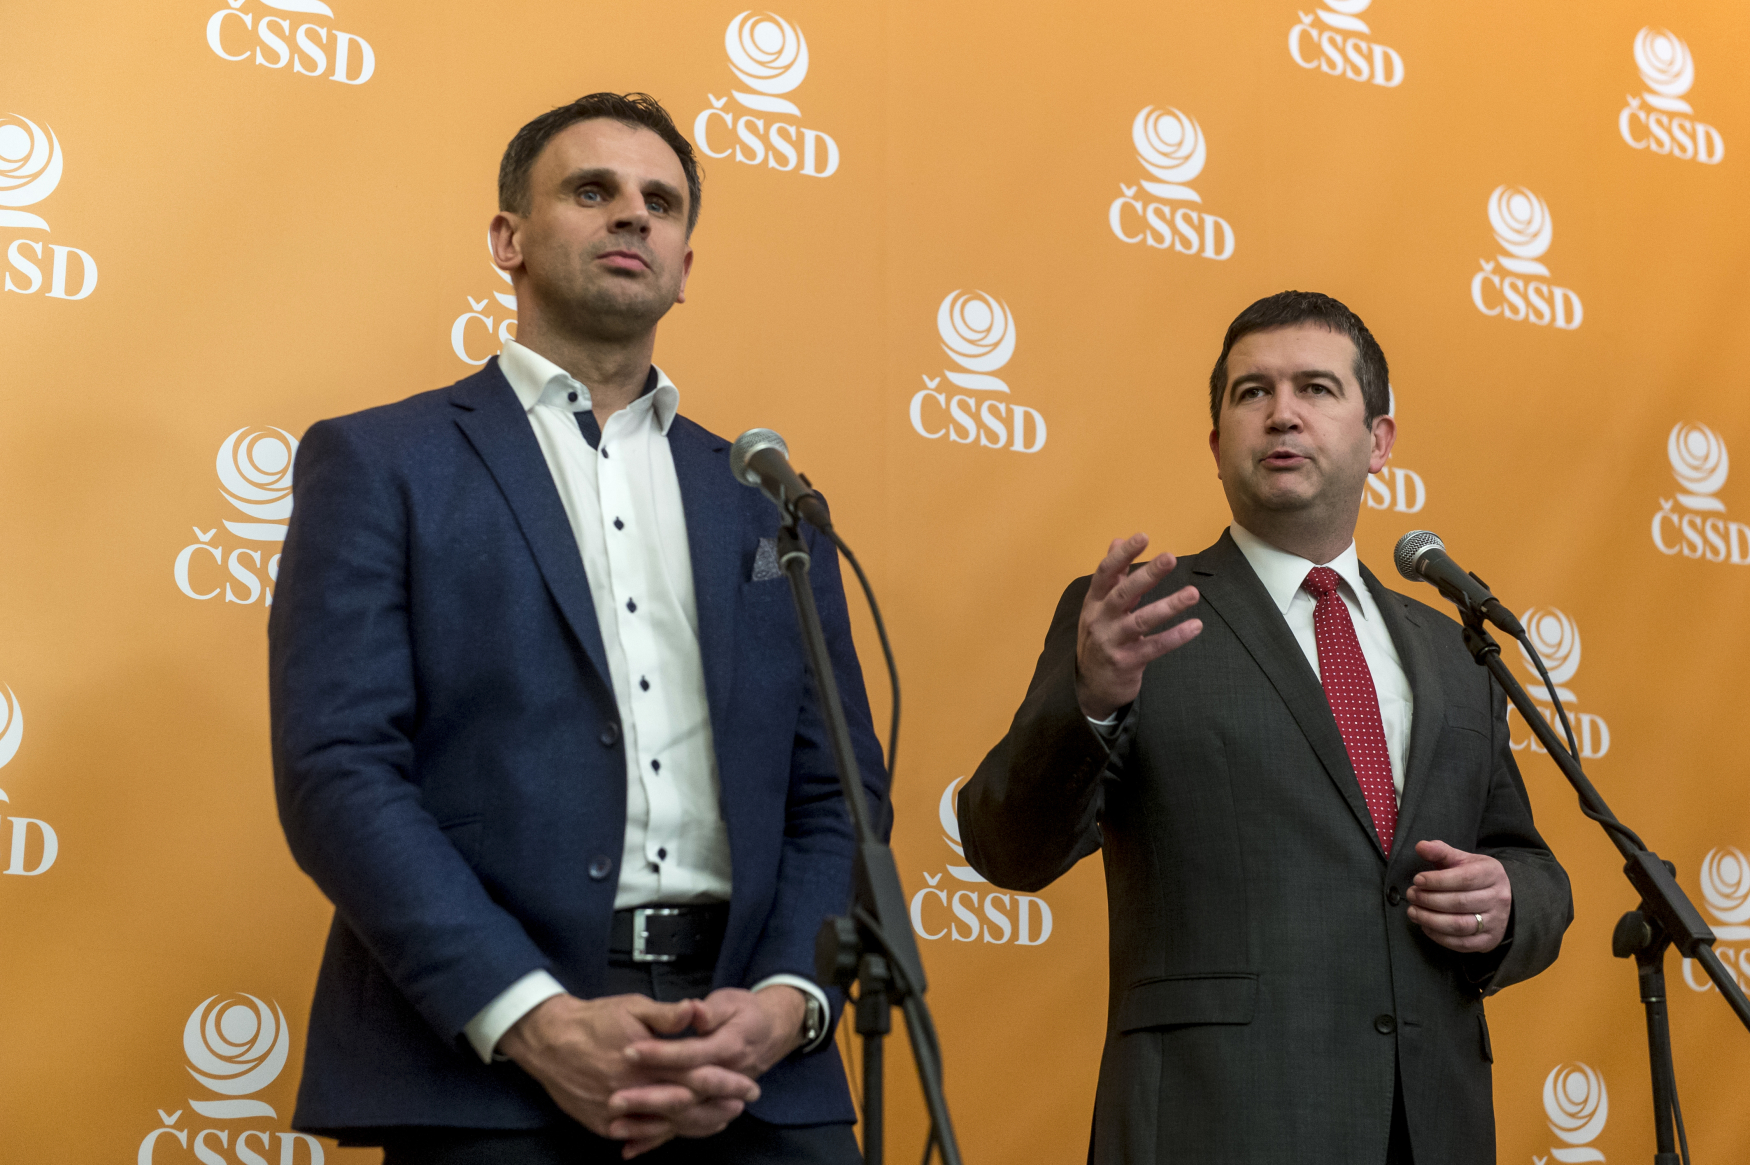 Jiří Zimola a Jan Hamáček na 40. sjezdu ČSSD v Hradci Králové